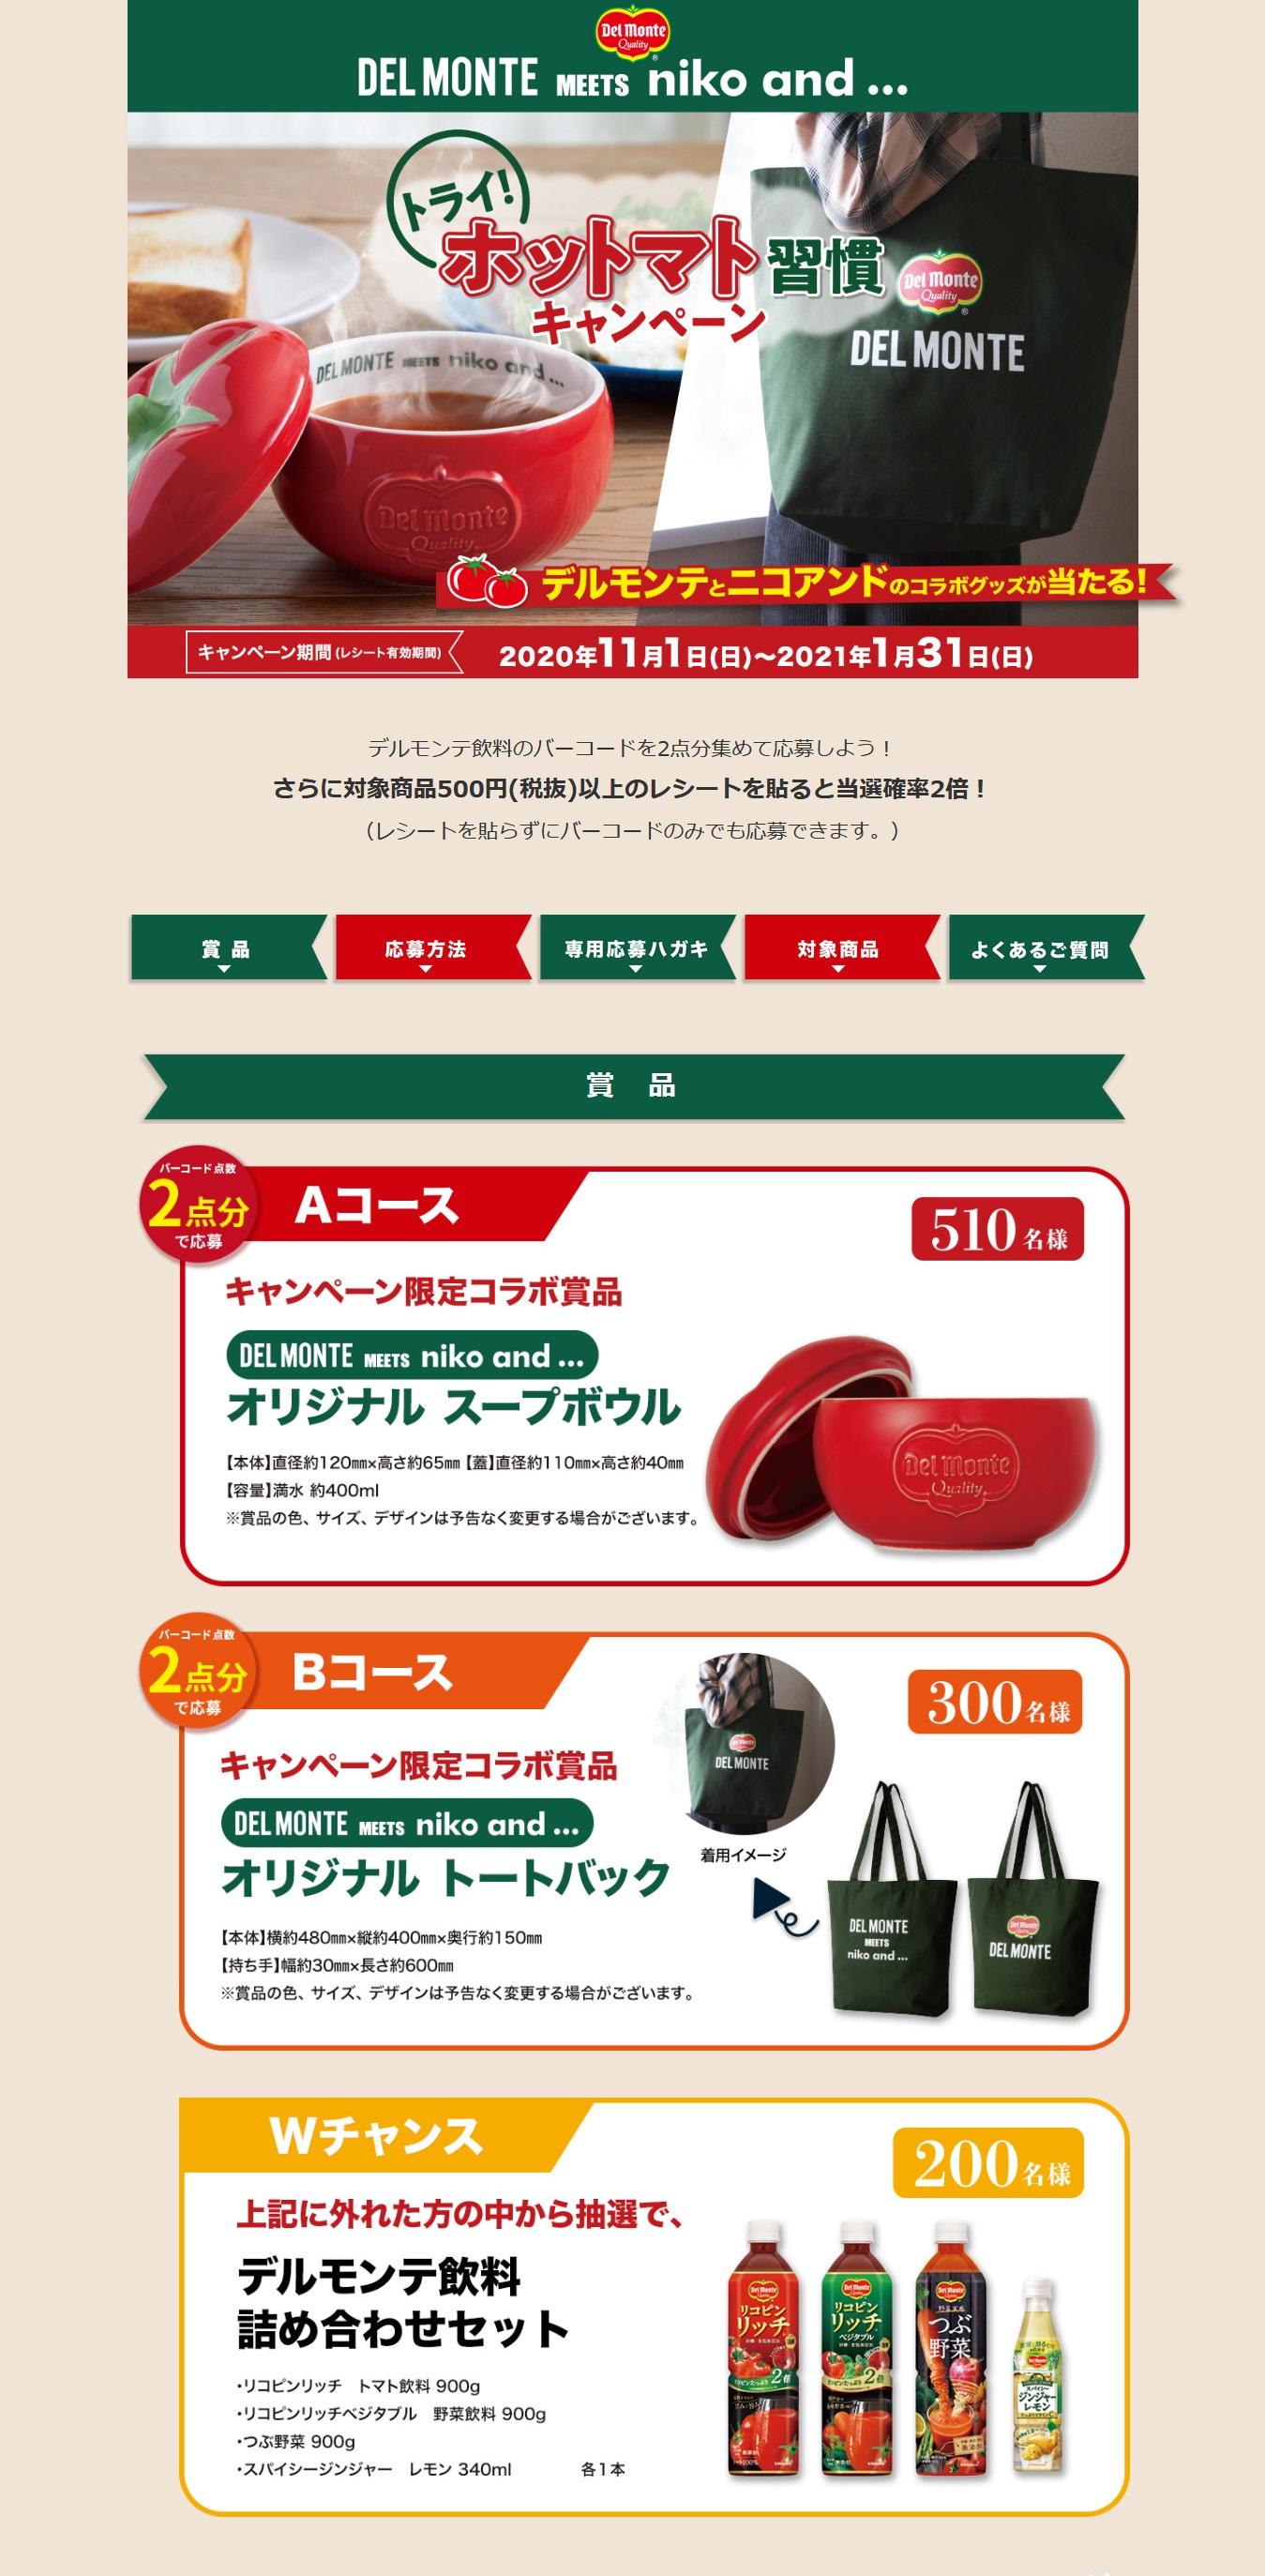 【デルモンテ】ニコアンド・コラボグッズが当たる!トライ!ホットマト習慣キャンペーン